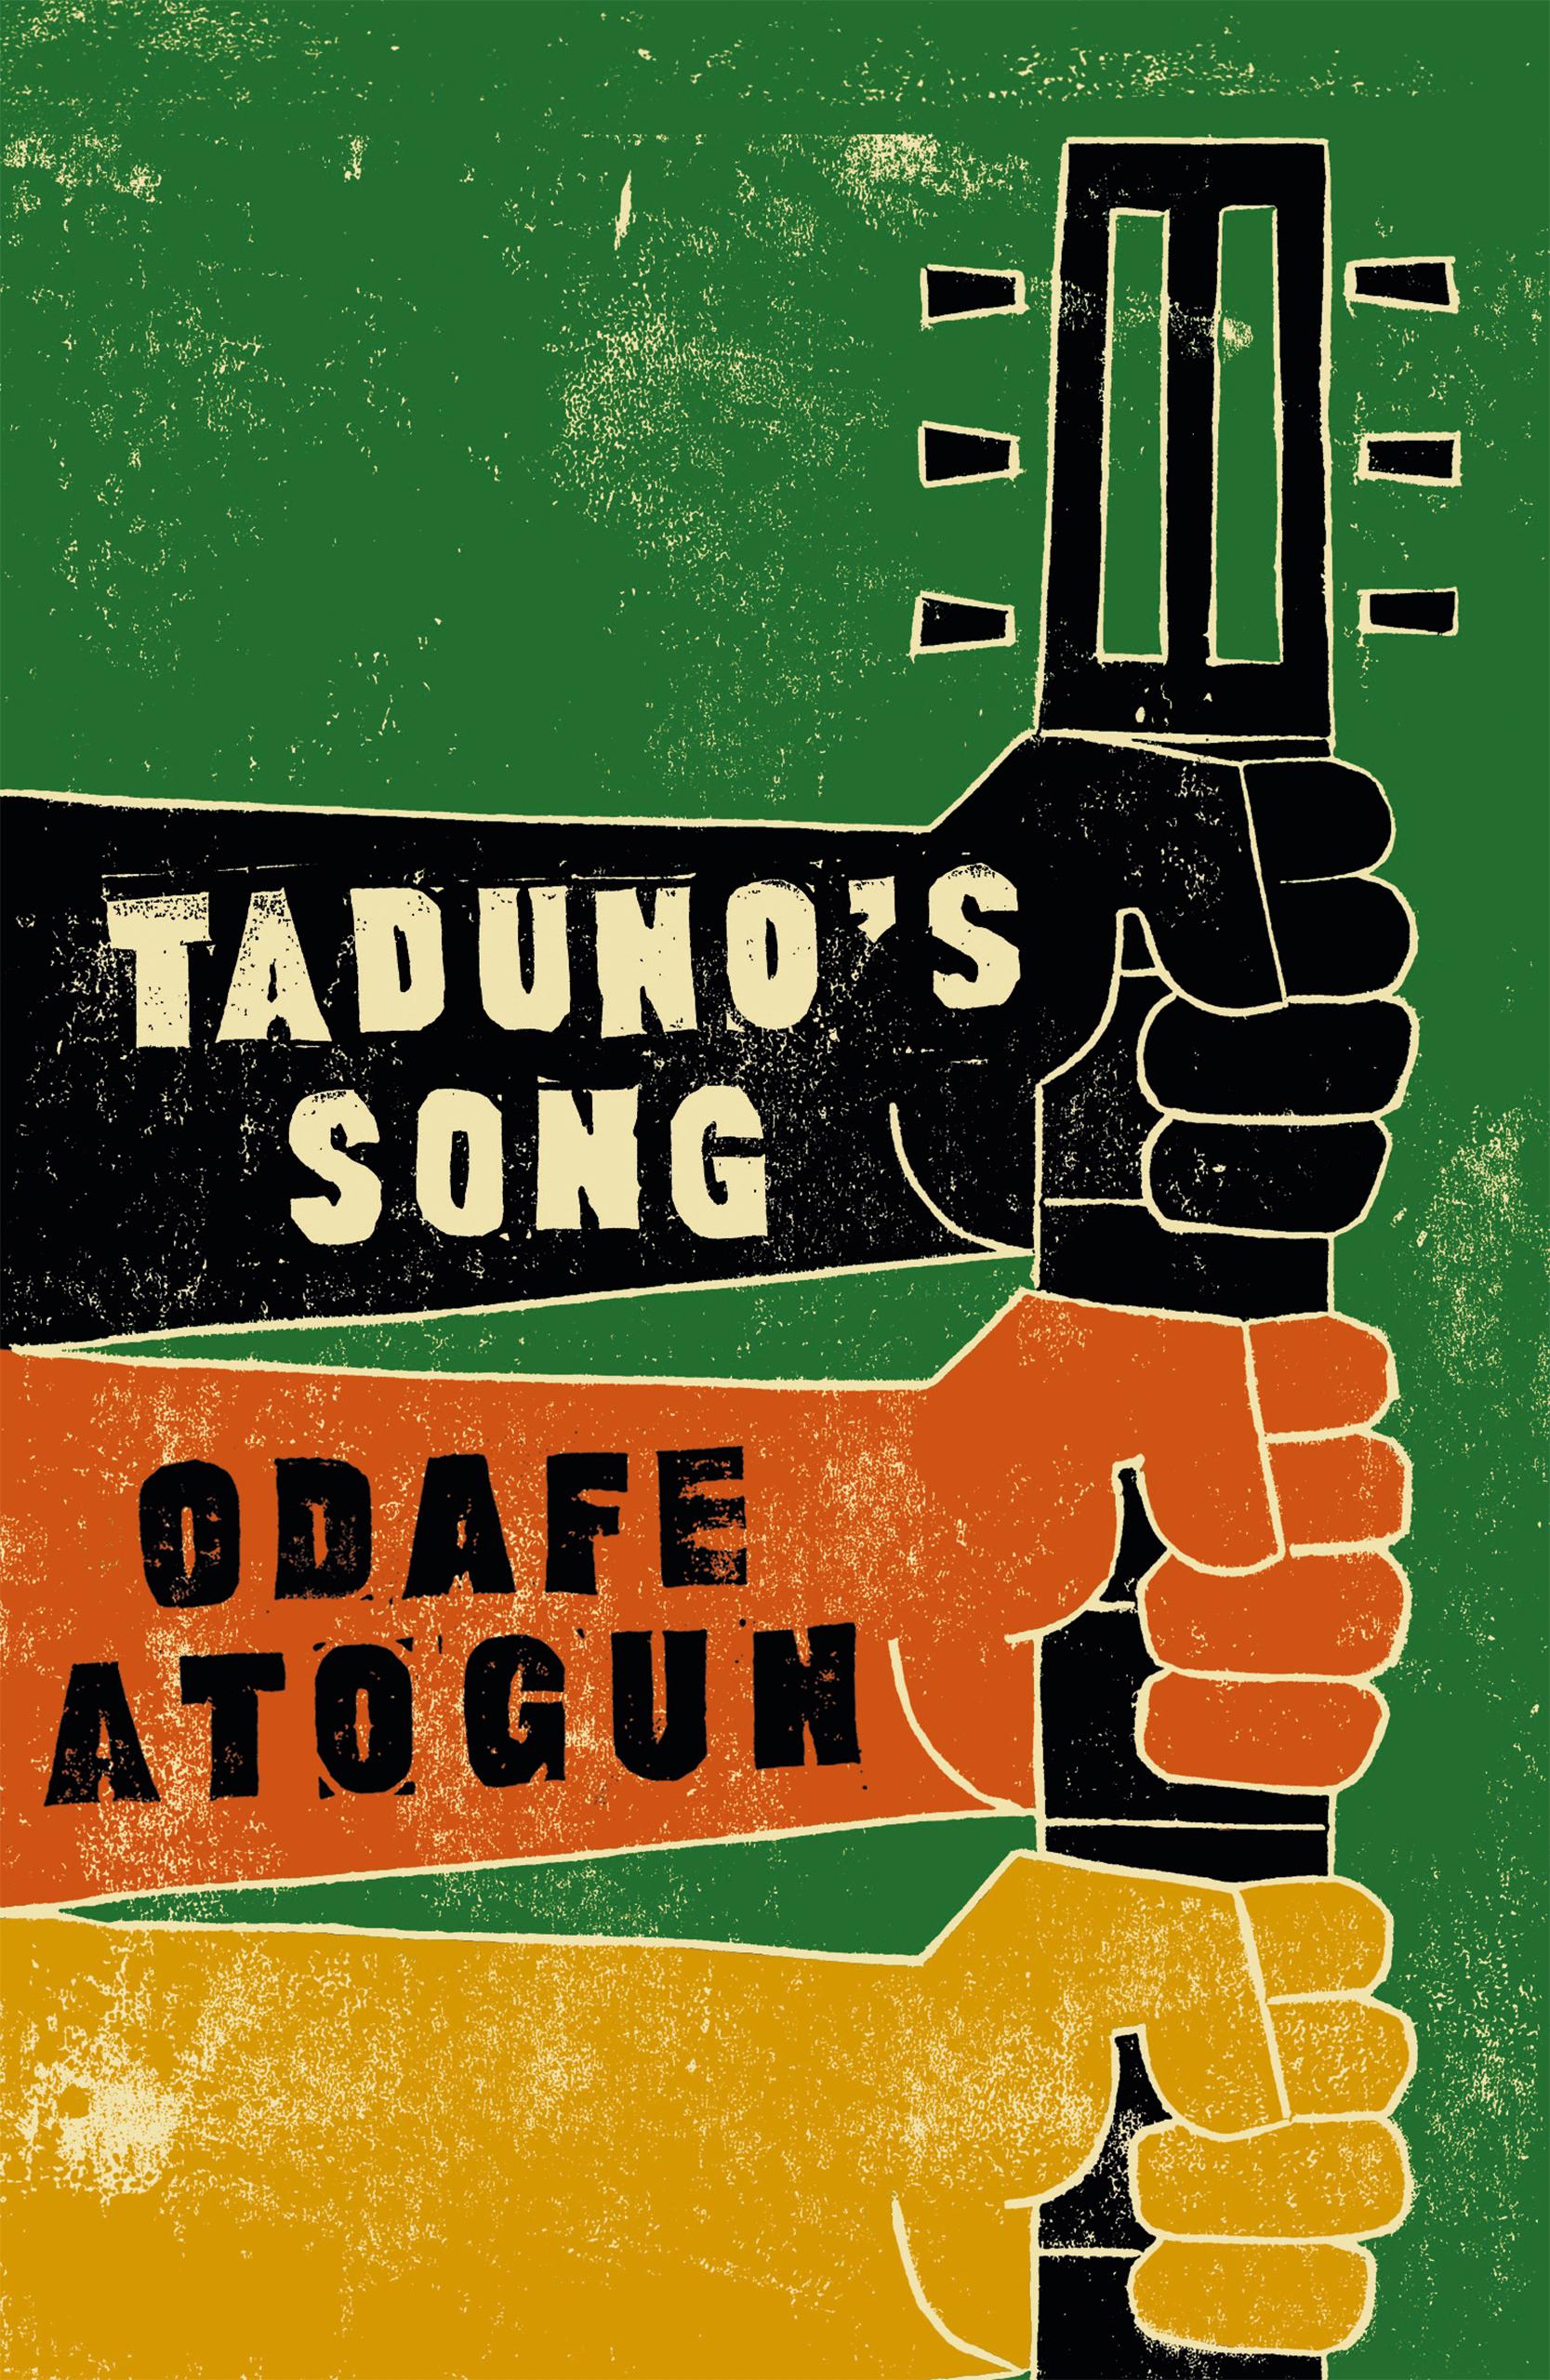 taduno's song odafe atogun